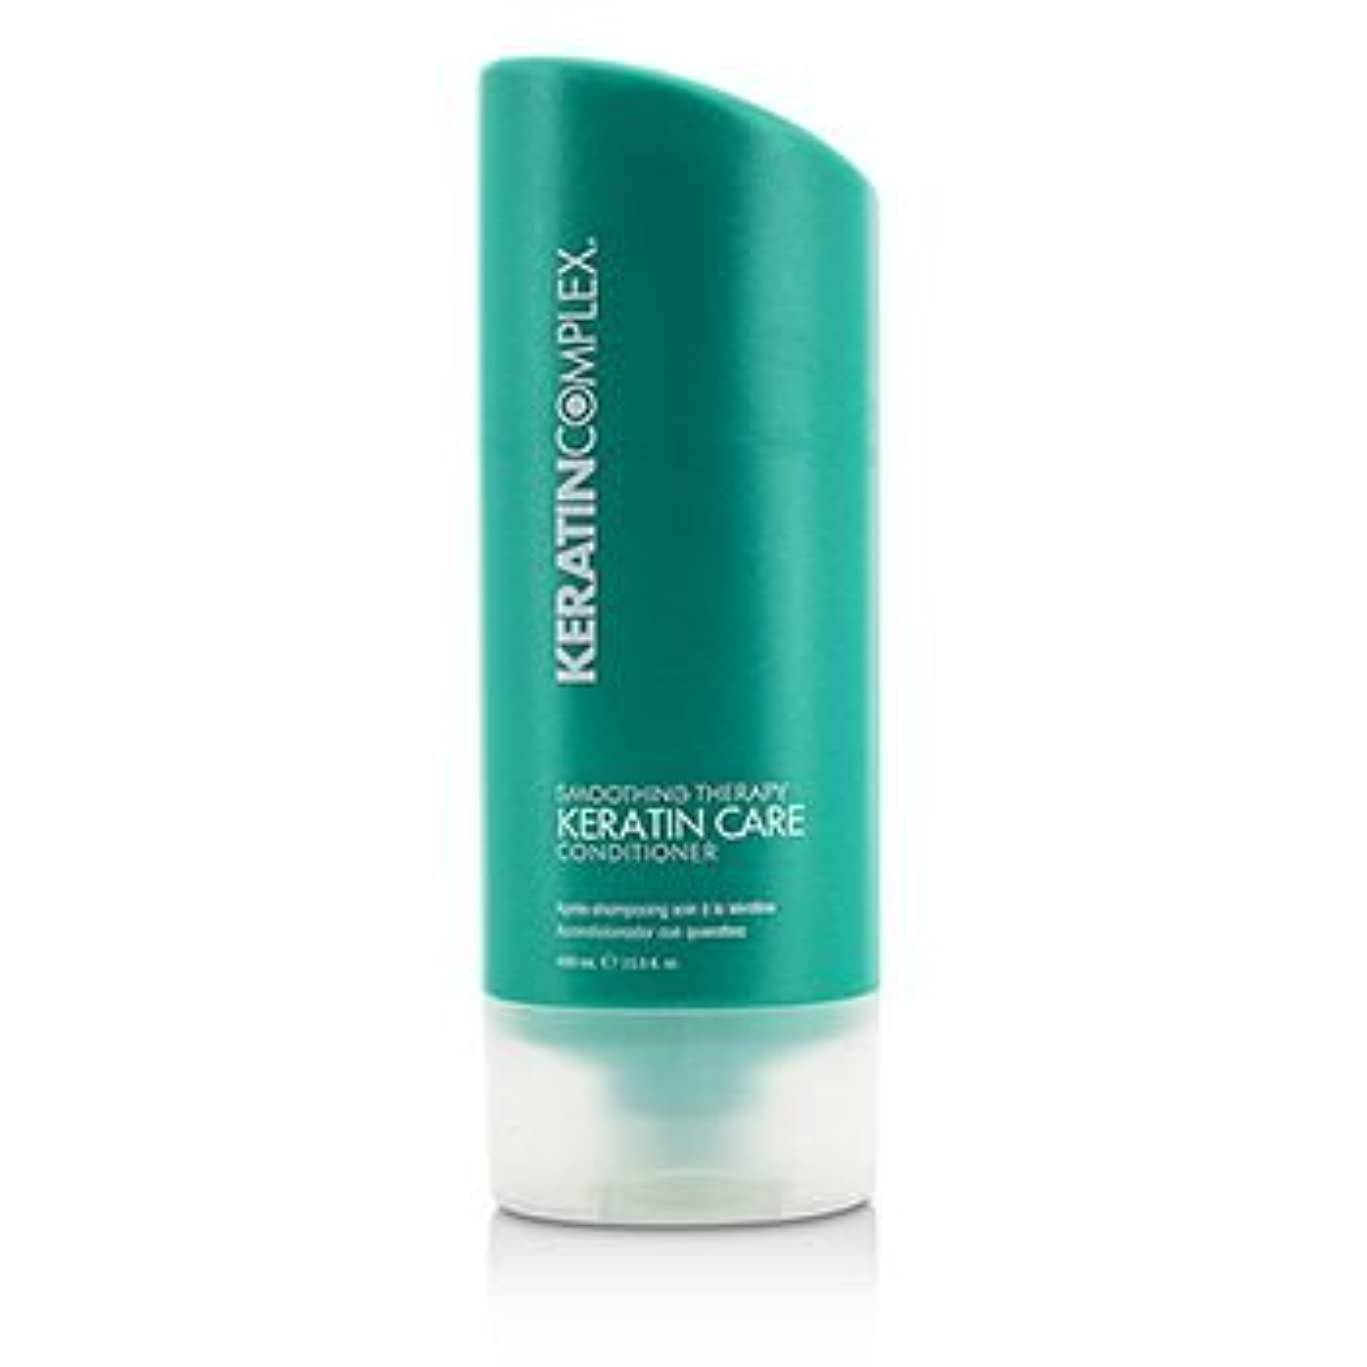 時計ケーブルケープ[Keratin Complex] Smoothing Therapy Keratin Care Conditioner (For All Hair Types) 1000ml/33.8oz